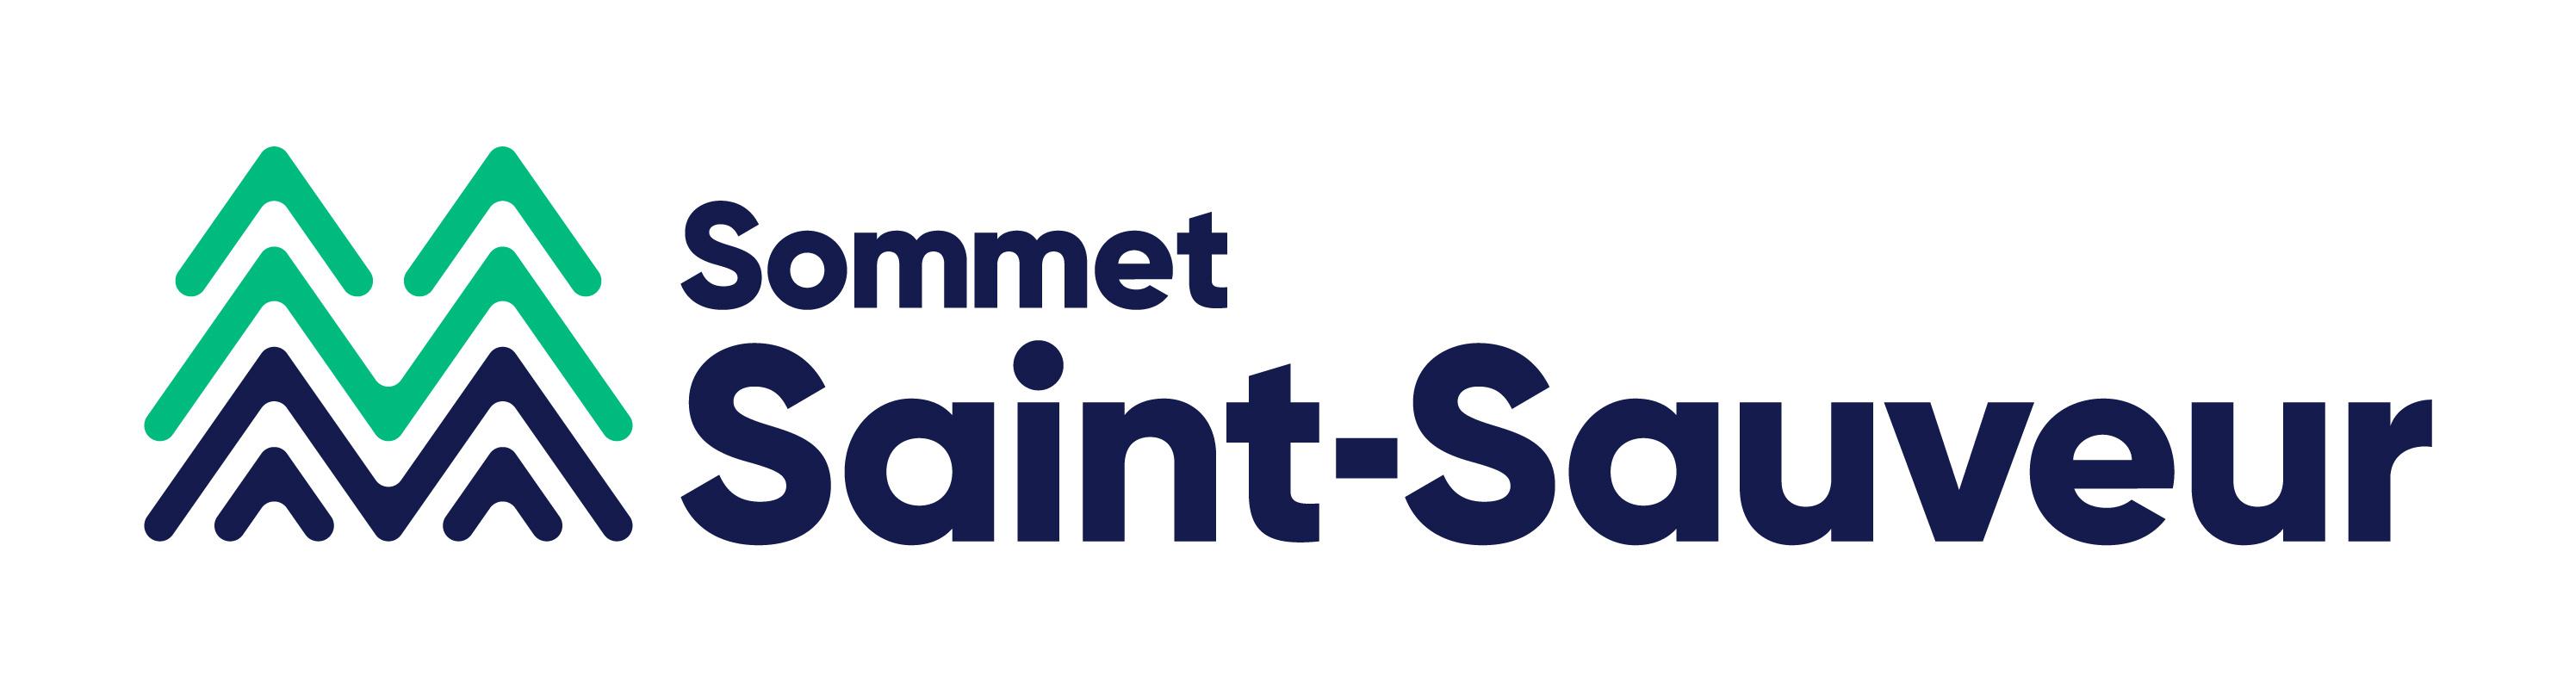 Sommet Saint-Sauveur